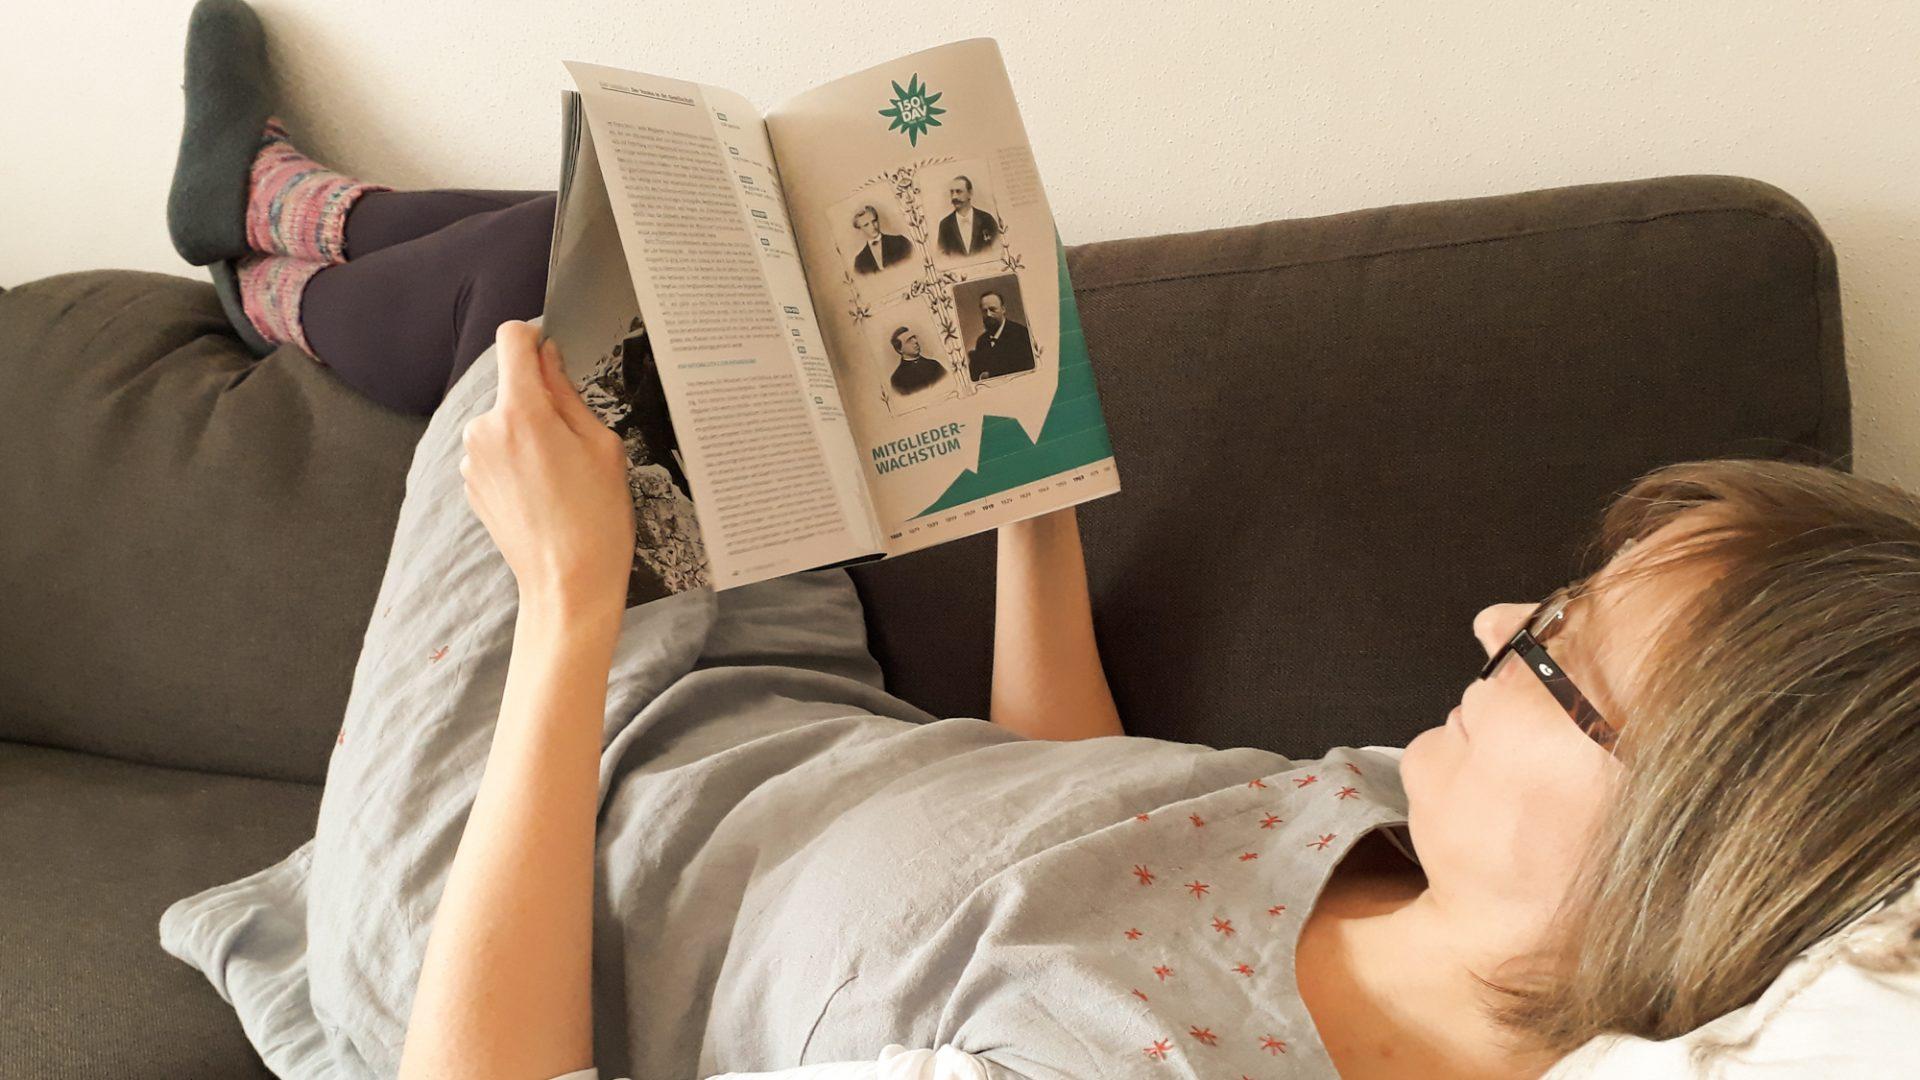 Eine Frau liegt auf dem Sofa und liest in einer Zeitschrift.